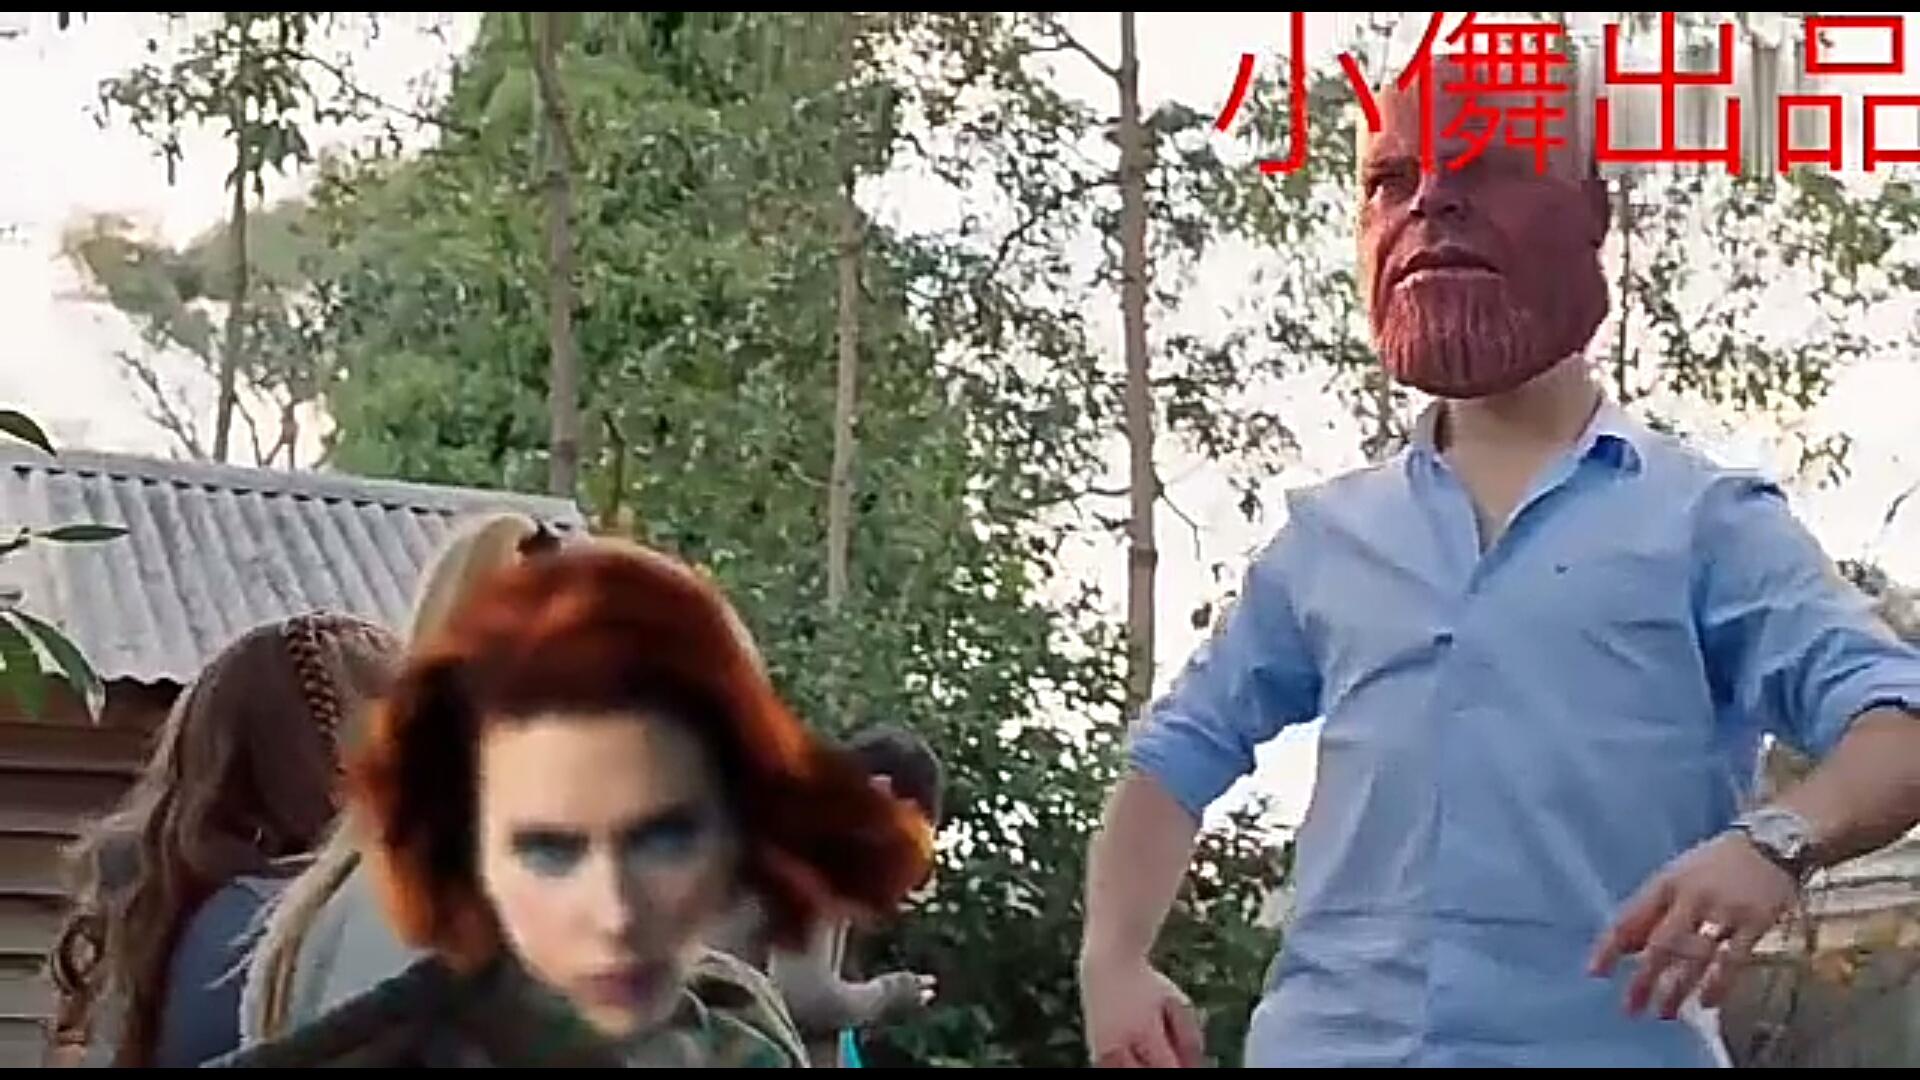 #爆笑看电影#《复仇者联盟3》中灭霸是如何吊打各路英雄的~毫无压力